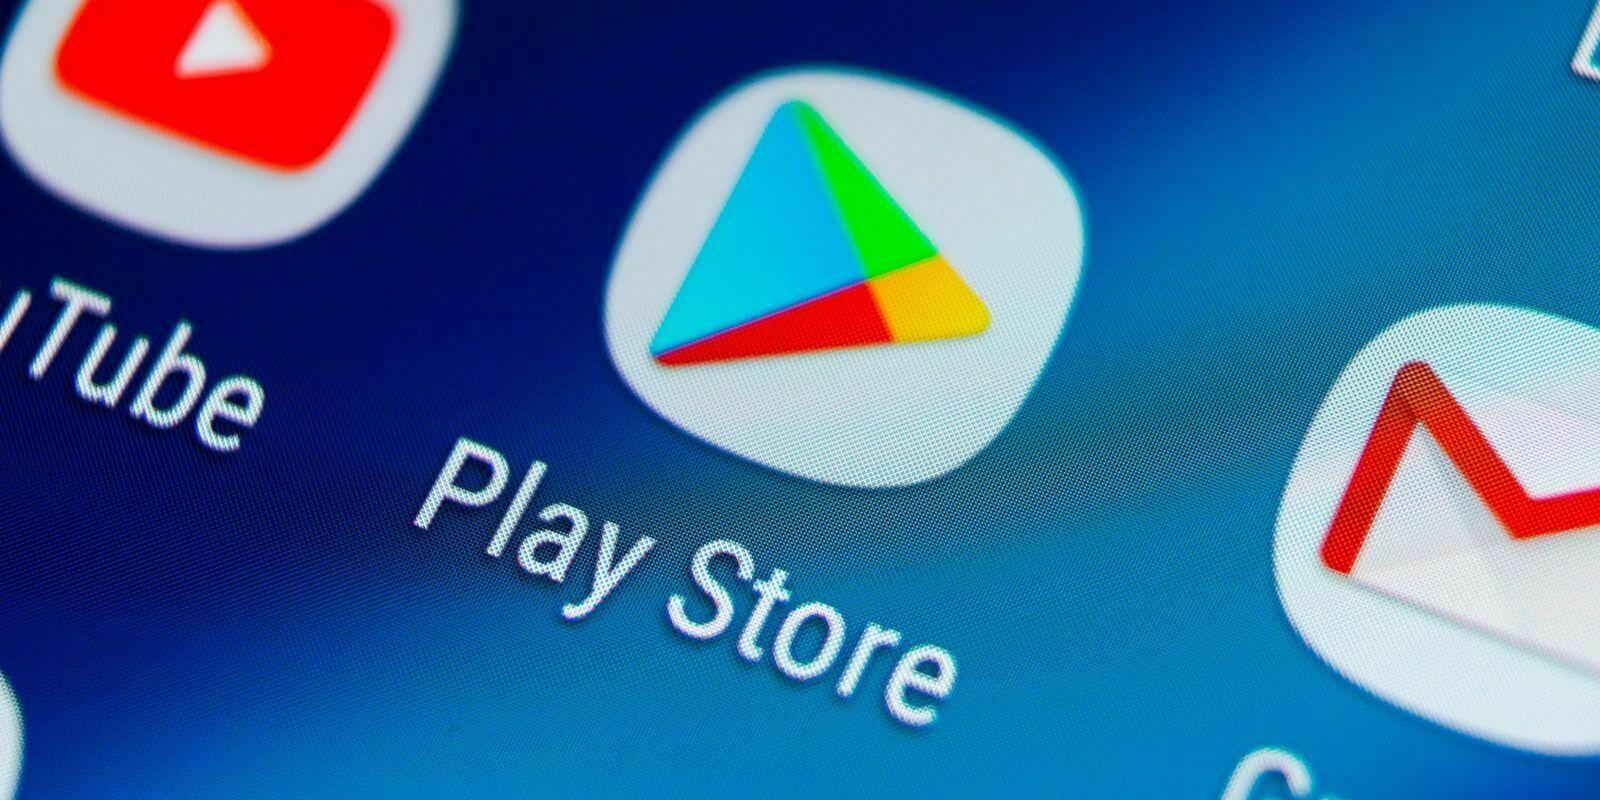 Le Google Play Store supprime les applications de Cointelegraph et de CoinDesk